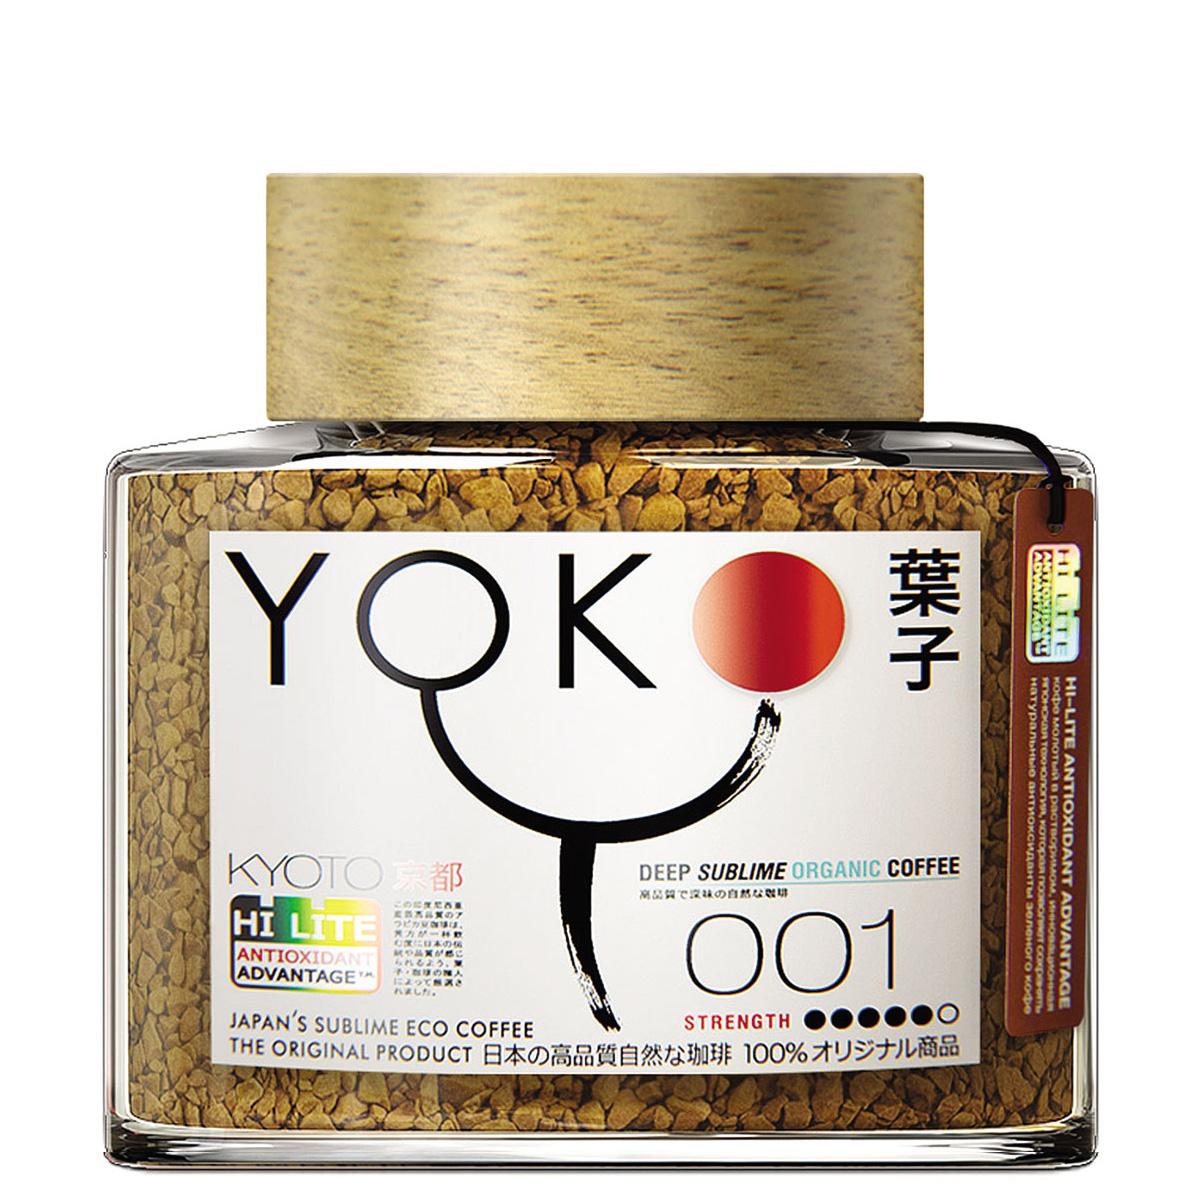 Yoko 001 blеnd кофе растворимый в стеклянной банке, 100 г0120710Yoko 001 blеnd изготовлен по новейшей технологии HI-LITE, разработанной японскими учеными. Она позволяет сохранить все полезные свойства зеленого кофе, главным из которых является высокое содержание натуральных антиоксидантов. YOKO -это инновационные технологии и уважение к традициям в одной чашке кофе.